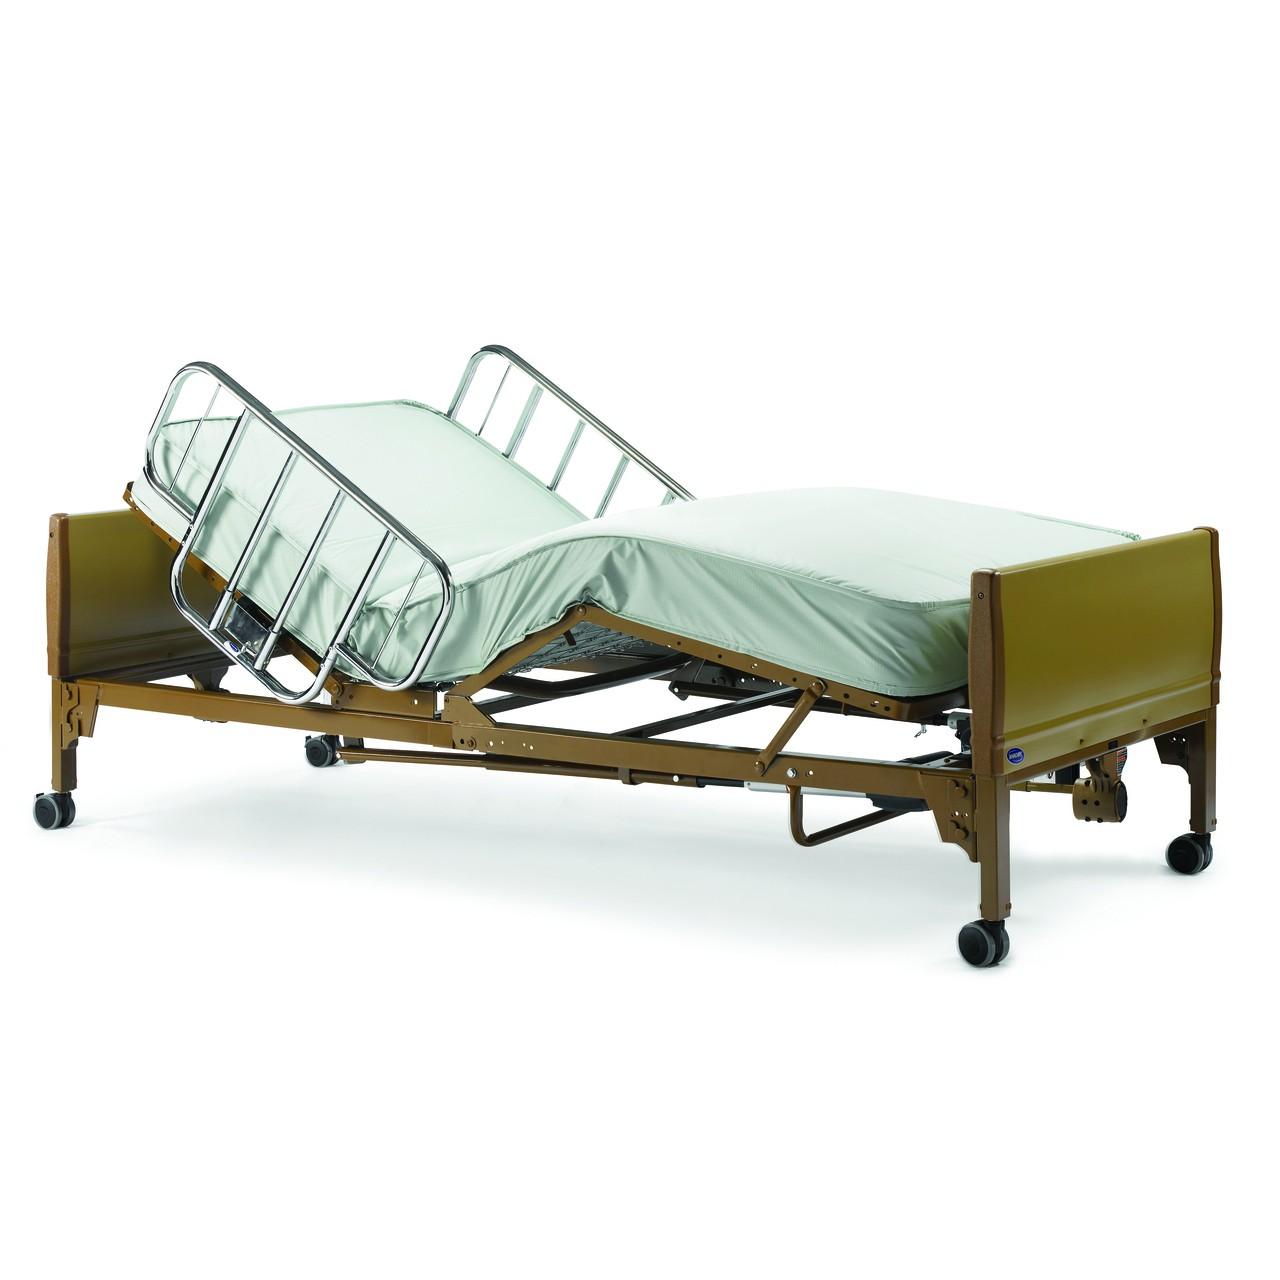 Basic Hospital Bed Rentals